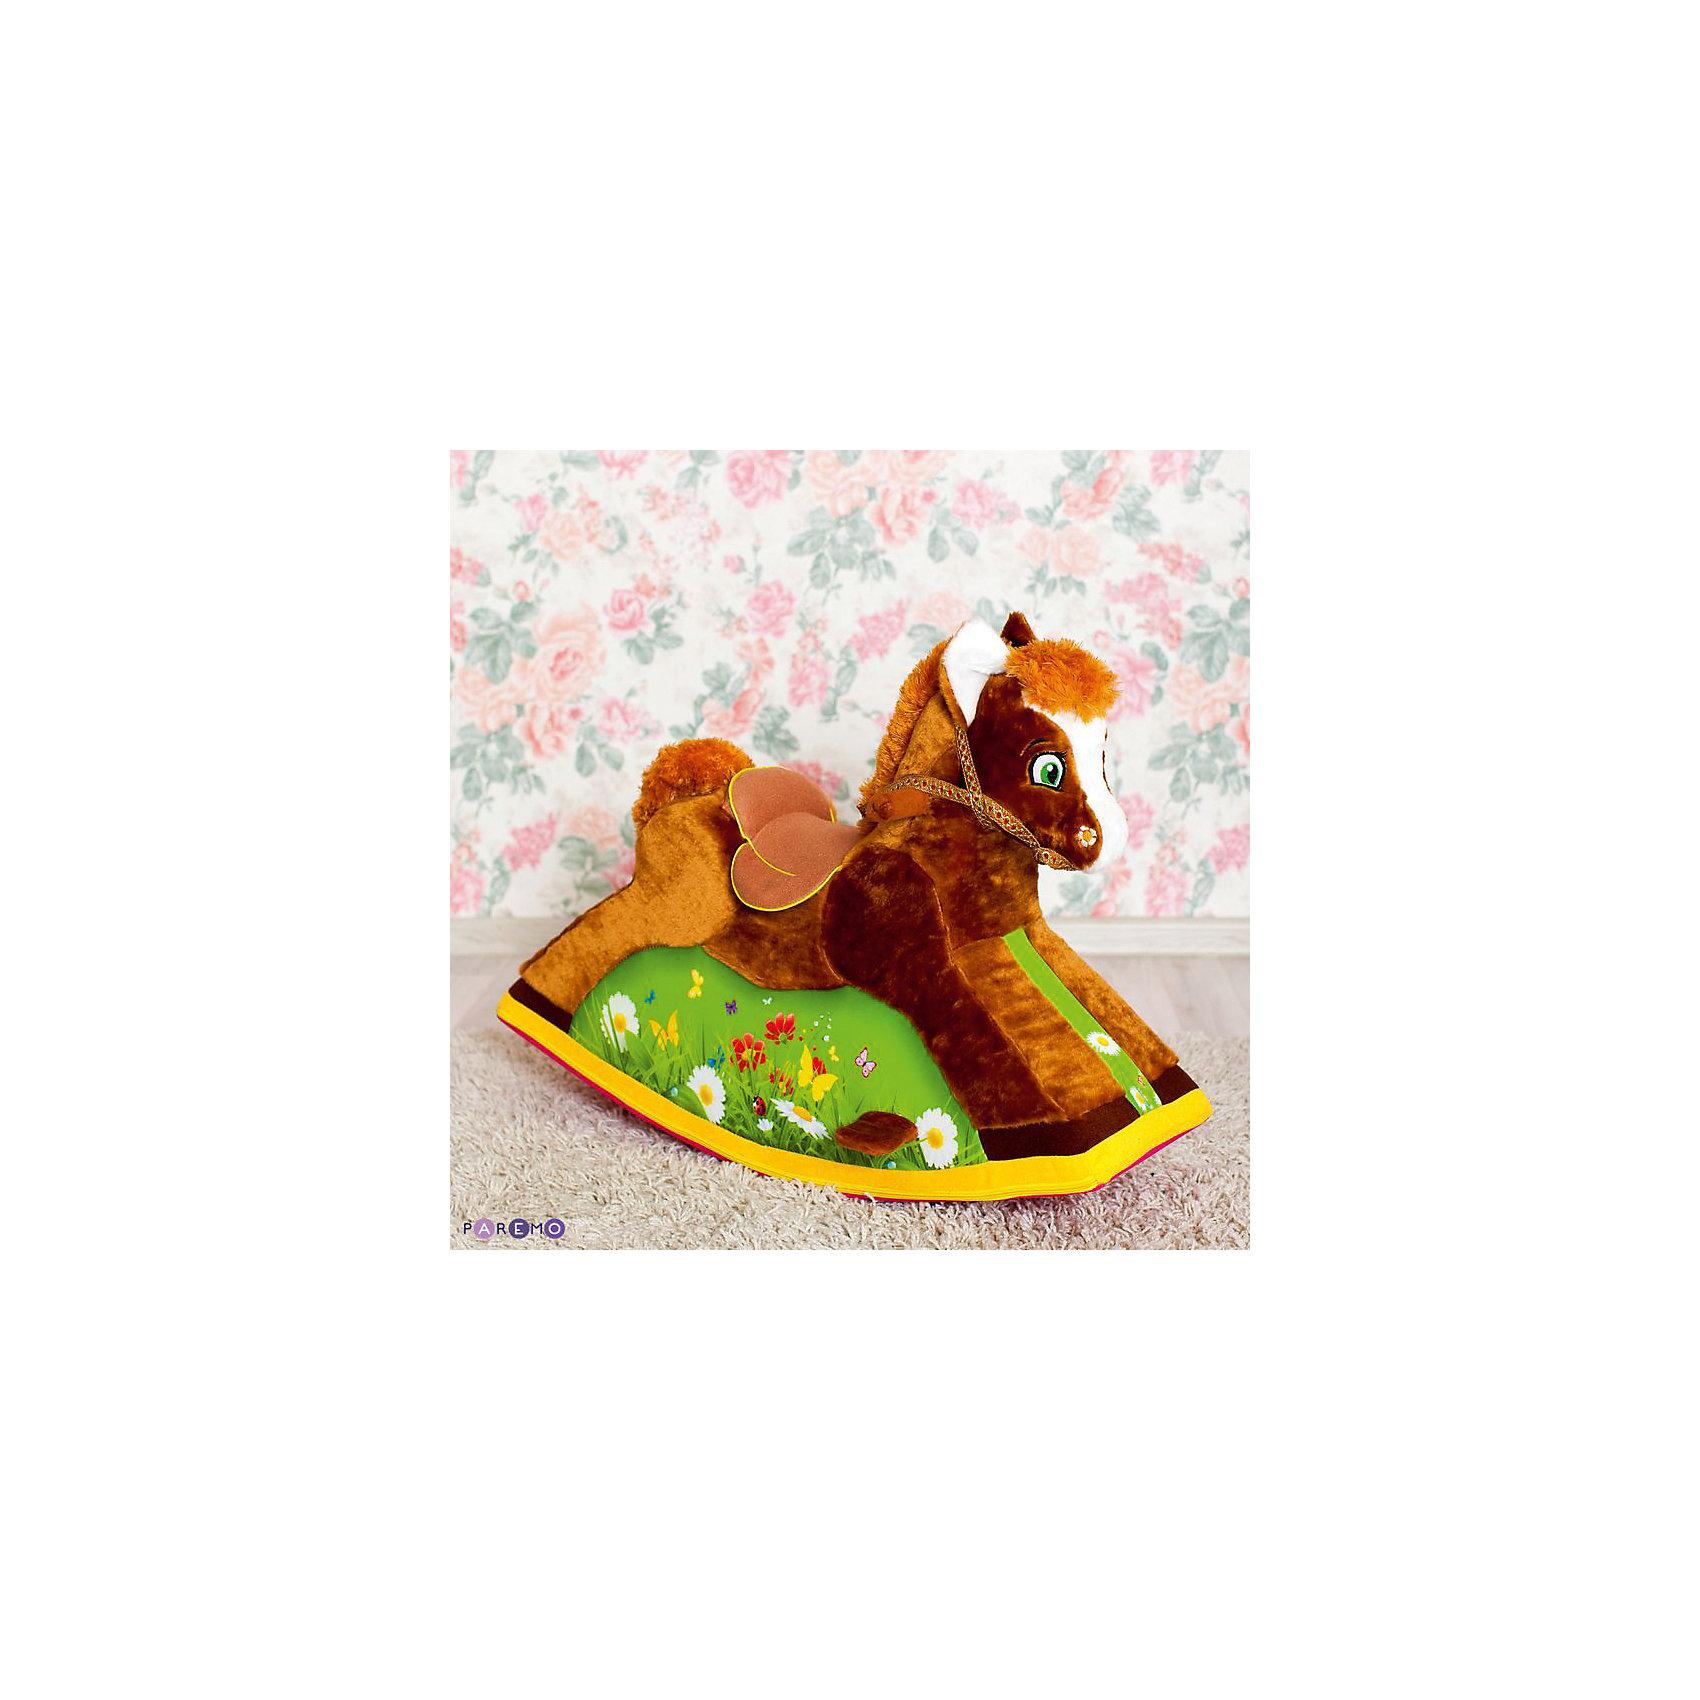 Детская качалка Лошадка, PAREMOКачели и качалки<br>Детская качалка Лошадка, PAREMO (ПАРЕМО).<br><br>Характеристики:<br><br>• Для детей от 1 года до 4 лет<br>• Рекомендованная нагрузка до 20 кг.<br>• Размер: 78х57х39 см.<br>• Вес: 4,5 кг.<br>• Высота от пола до сидения: 35 см.<br>• Материалы чехла: искусственный мех, текстиль, велюр<br>• Наполнитель: пенополиуретан<br>• Упаковка: пакет<br><br>Лошадка-качалка подарит вашему ребенку массу положительных эмоций и станет великолепным тренажером вестибулярного аппарата. Конструкция качалки учитывает все особенности строения детского тела. Игрушка имеет: удобное и мягкое сиденье со специальным седлом для большего комфорта; широкое основание с подножками для легкой фиксации ног ребенка; специальные ручки-держатели; небольшую уздечку. <br><br>Качалка абсолютно безопасна. За счет устойчивого основания и небольшого градуса наклона, риск перевернуться сводится к минимуму. Лошадка имеет бескаркасную конструкцию, поэтому полностью исключается возможность травмироваться во время игры. <br><br>Мягкая обивка приятна на ощупь и не вызывает раздражение чувствительной детской кожи. В качестве наполнителя использован пенополиуретан, который быстро и легко принимает нужную форму под весом ребенка. Забавная качалка станет незаменимым атрибутом различных сюжетно-ролевых игр. Классический дизайн и великолепное детализированное исполнение сделают качалку самой любимой игрушкой вашего малыша! Сделано в России!<br><br>Детскую качалку Лошадка, PAREMO (ПАРЕМО) можно купить в нашем интернет-магазине.<br><br>Ширина мм: 780<br>Глубина мм: 390<br>Высота мм: 570<br>Вес г: 4500<br>Возраст от месяцев: 12<br>Возраст до месяцев: 120<br>Пол: Унисекс<br>Возраст: Детский<br>SKU: 5482298